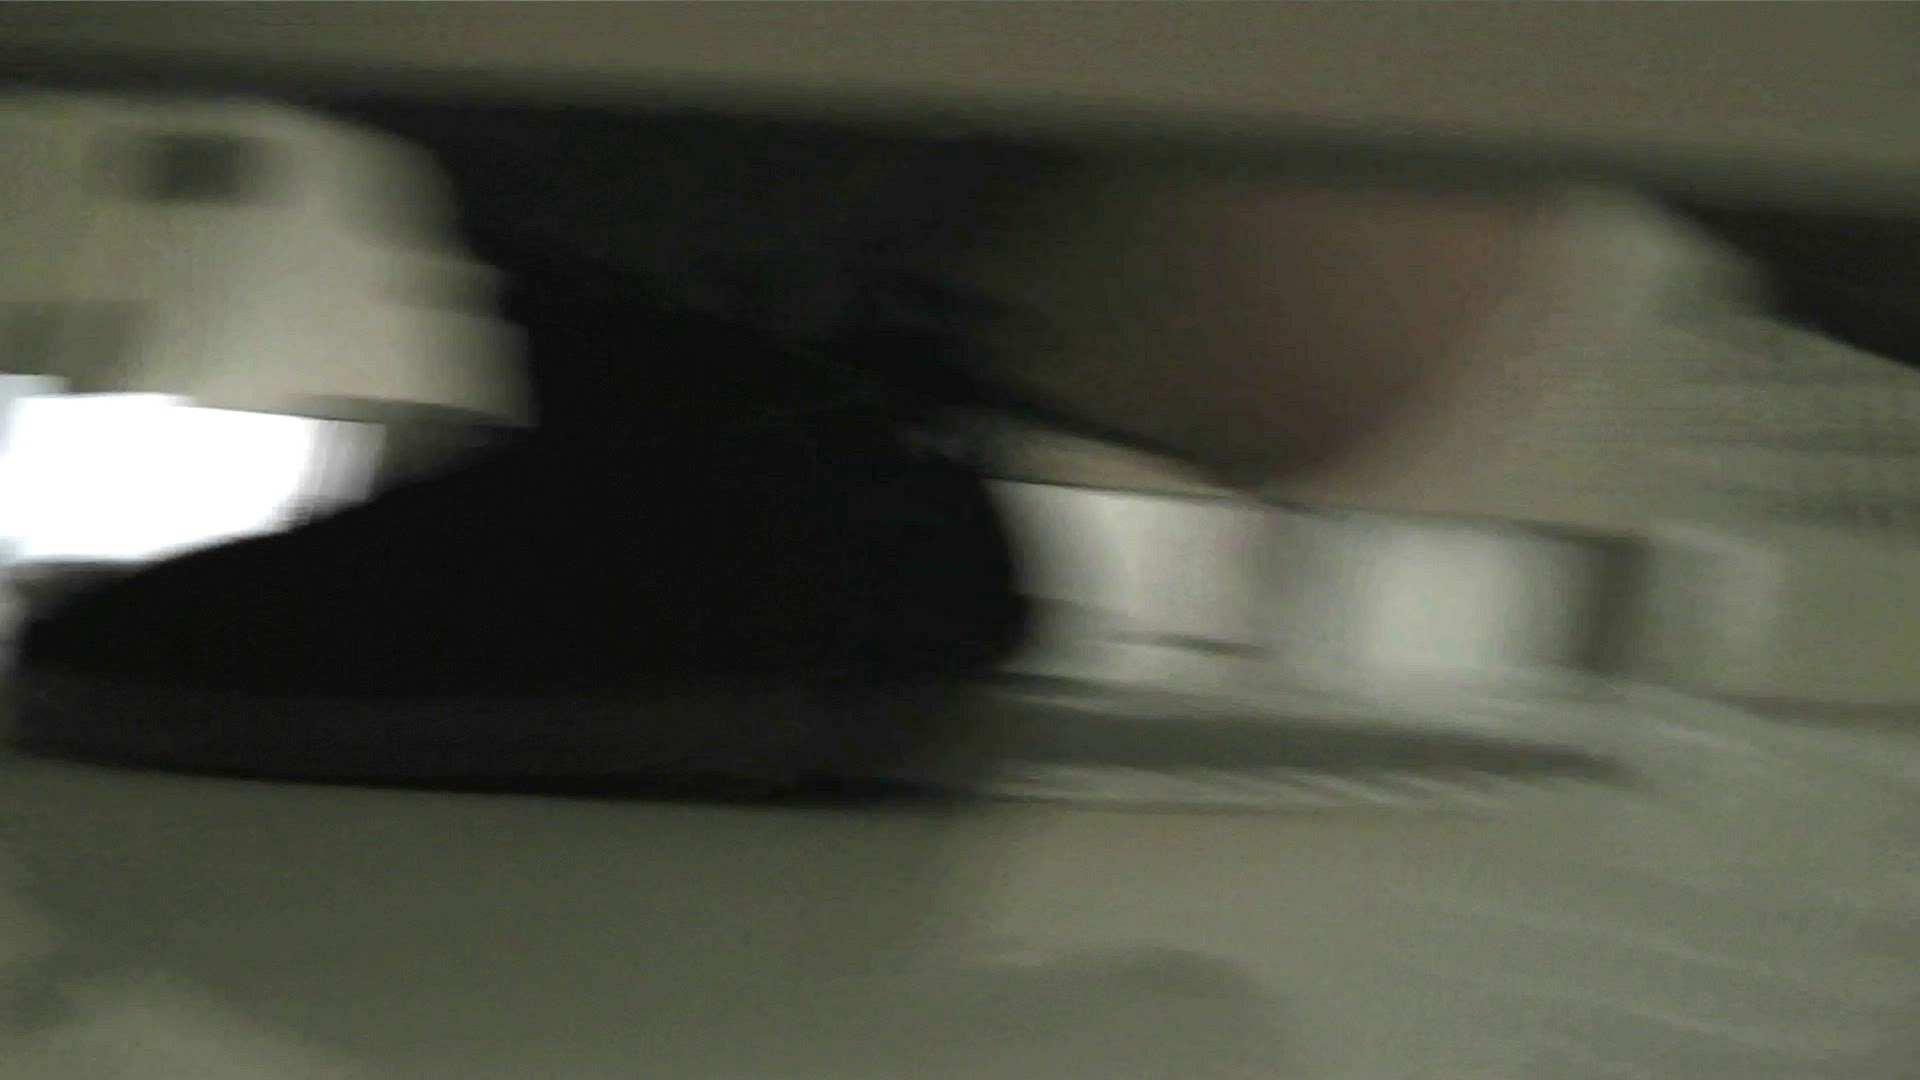 お市さんの「お尻丸出しジャンボリー」No.1 丸見え アダルト動画キャプチャ 111枚 75